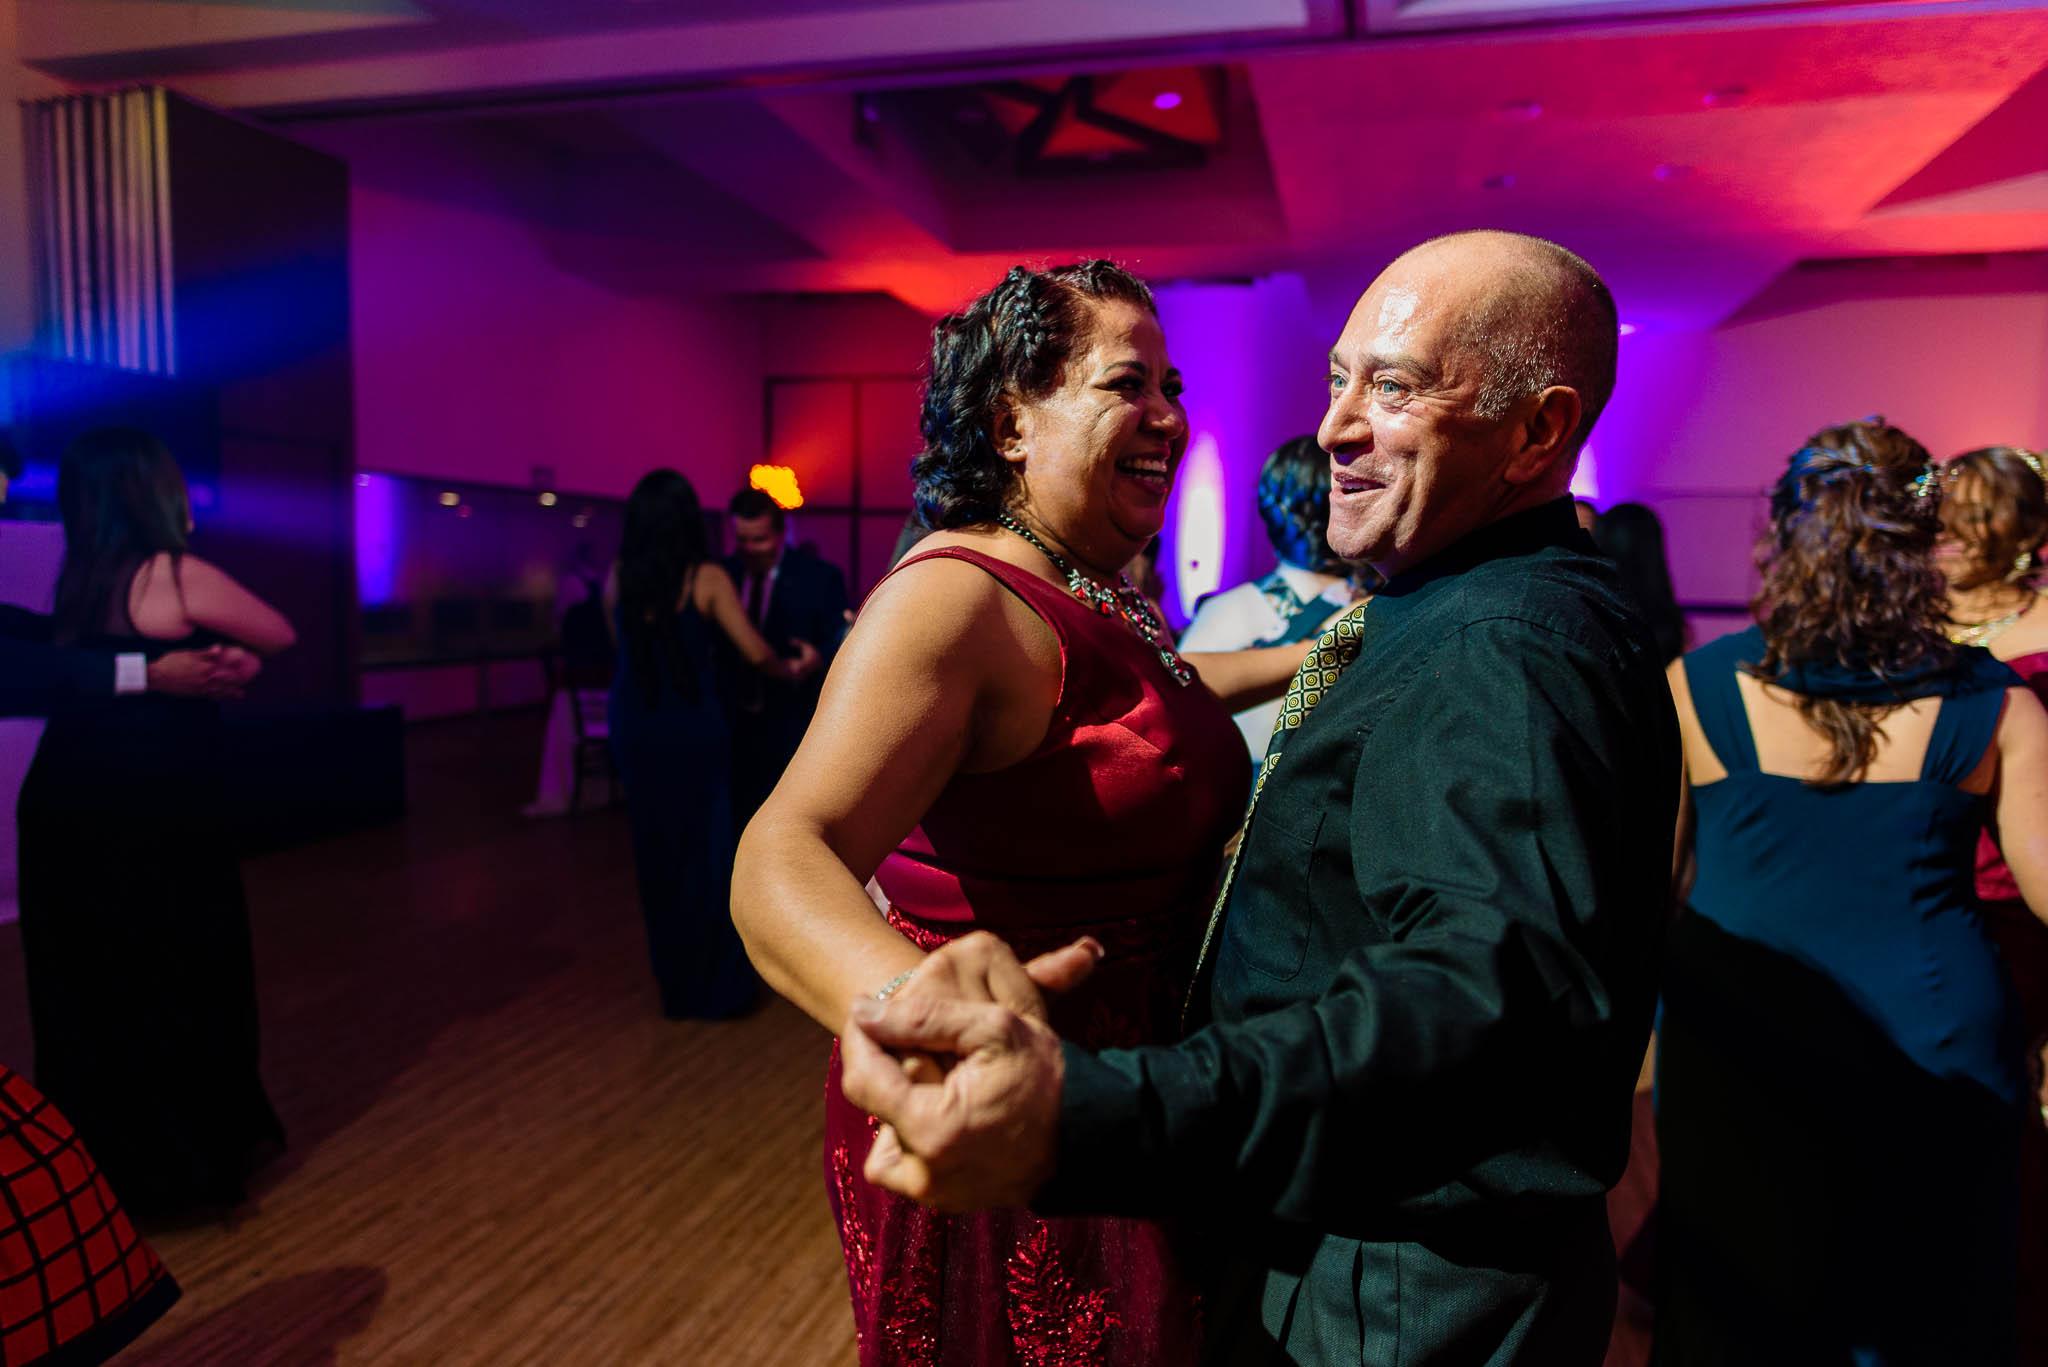 fotografo de bodas san luis potosi boda mexico wedding destination fotos de boda 234